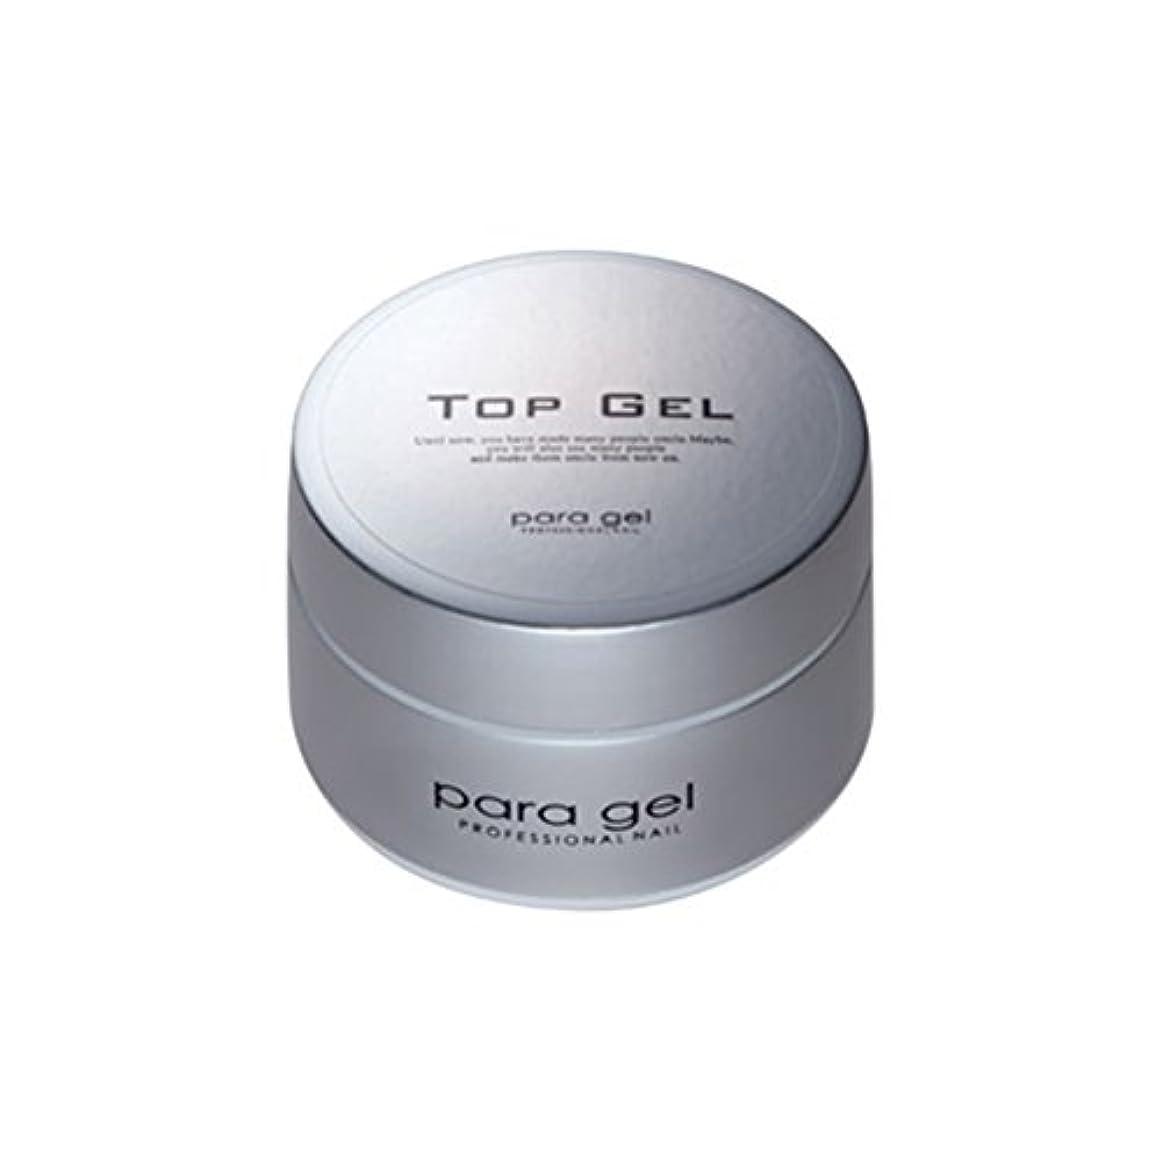 ぼんやりした性差別爬虫類para gel トップジェル 10g